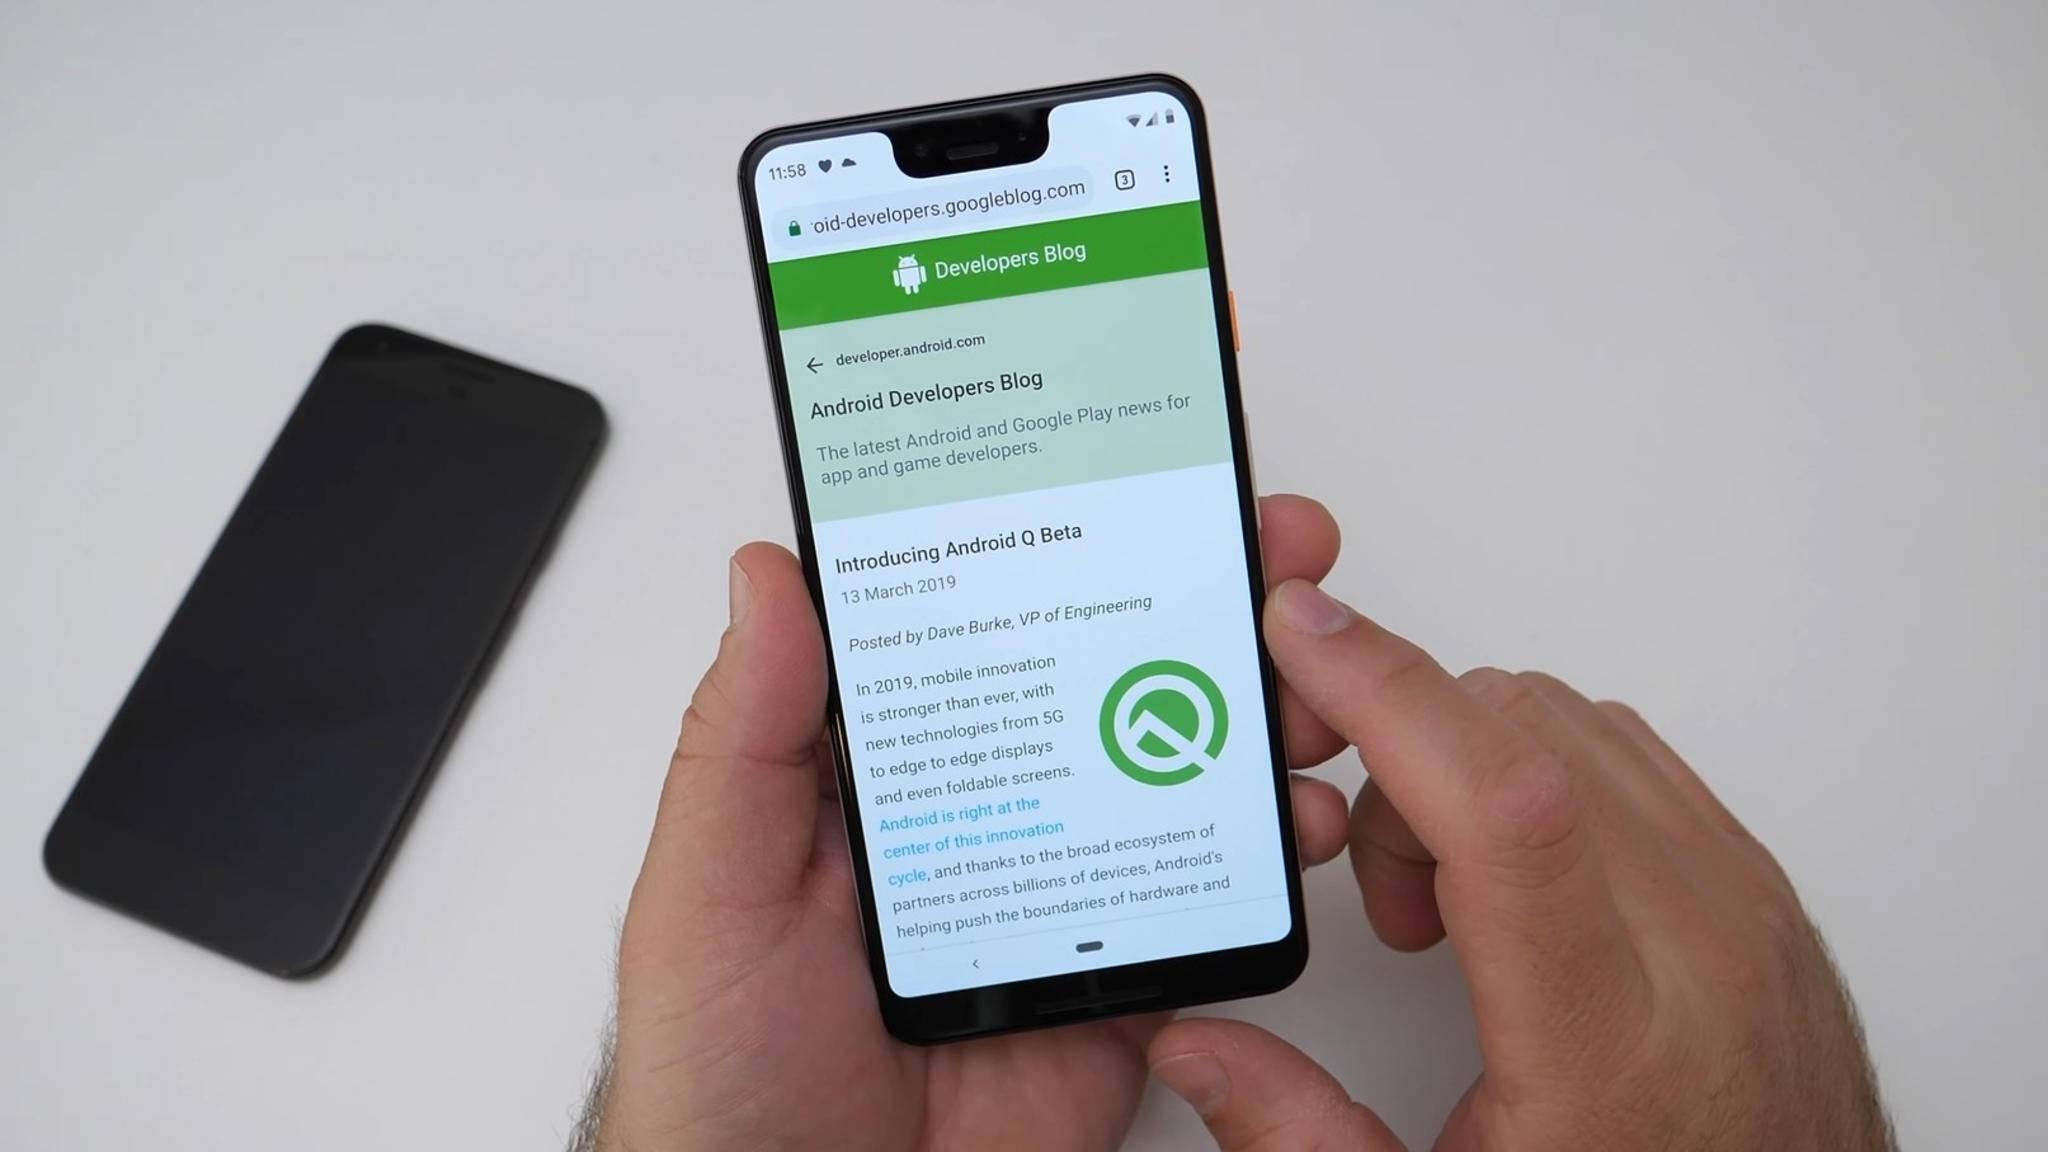 Mit einem Swipe nach rechts oder links in der Navigationsleisten kann in der neuen Beta von Android Q nun schnell zwischen Apps gewechselt werden.